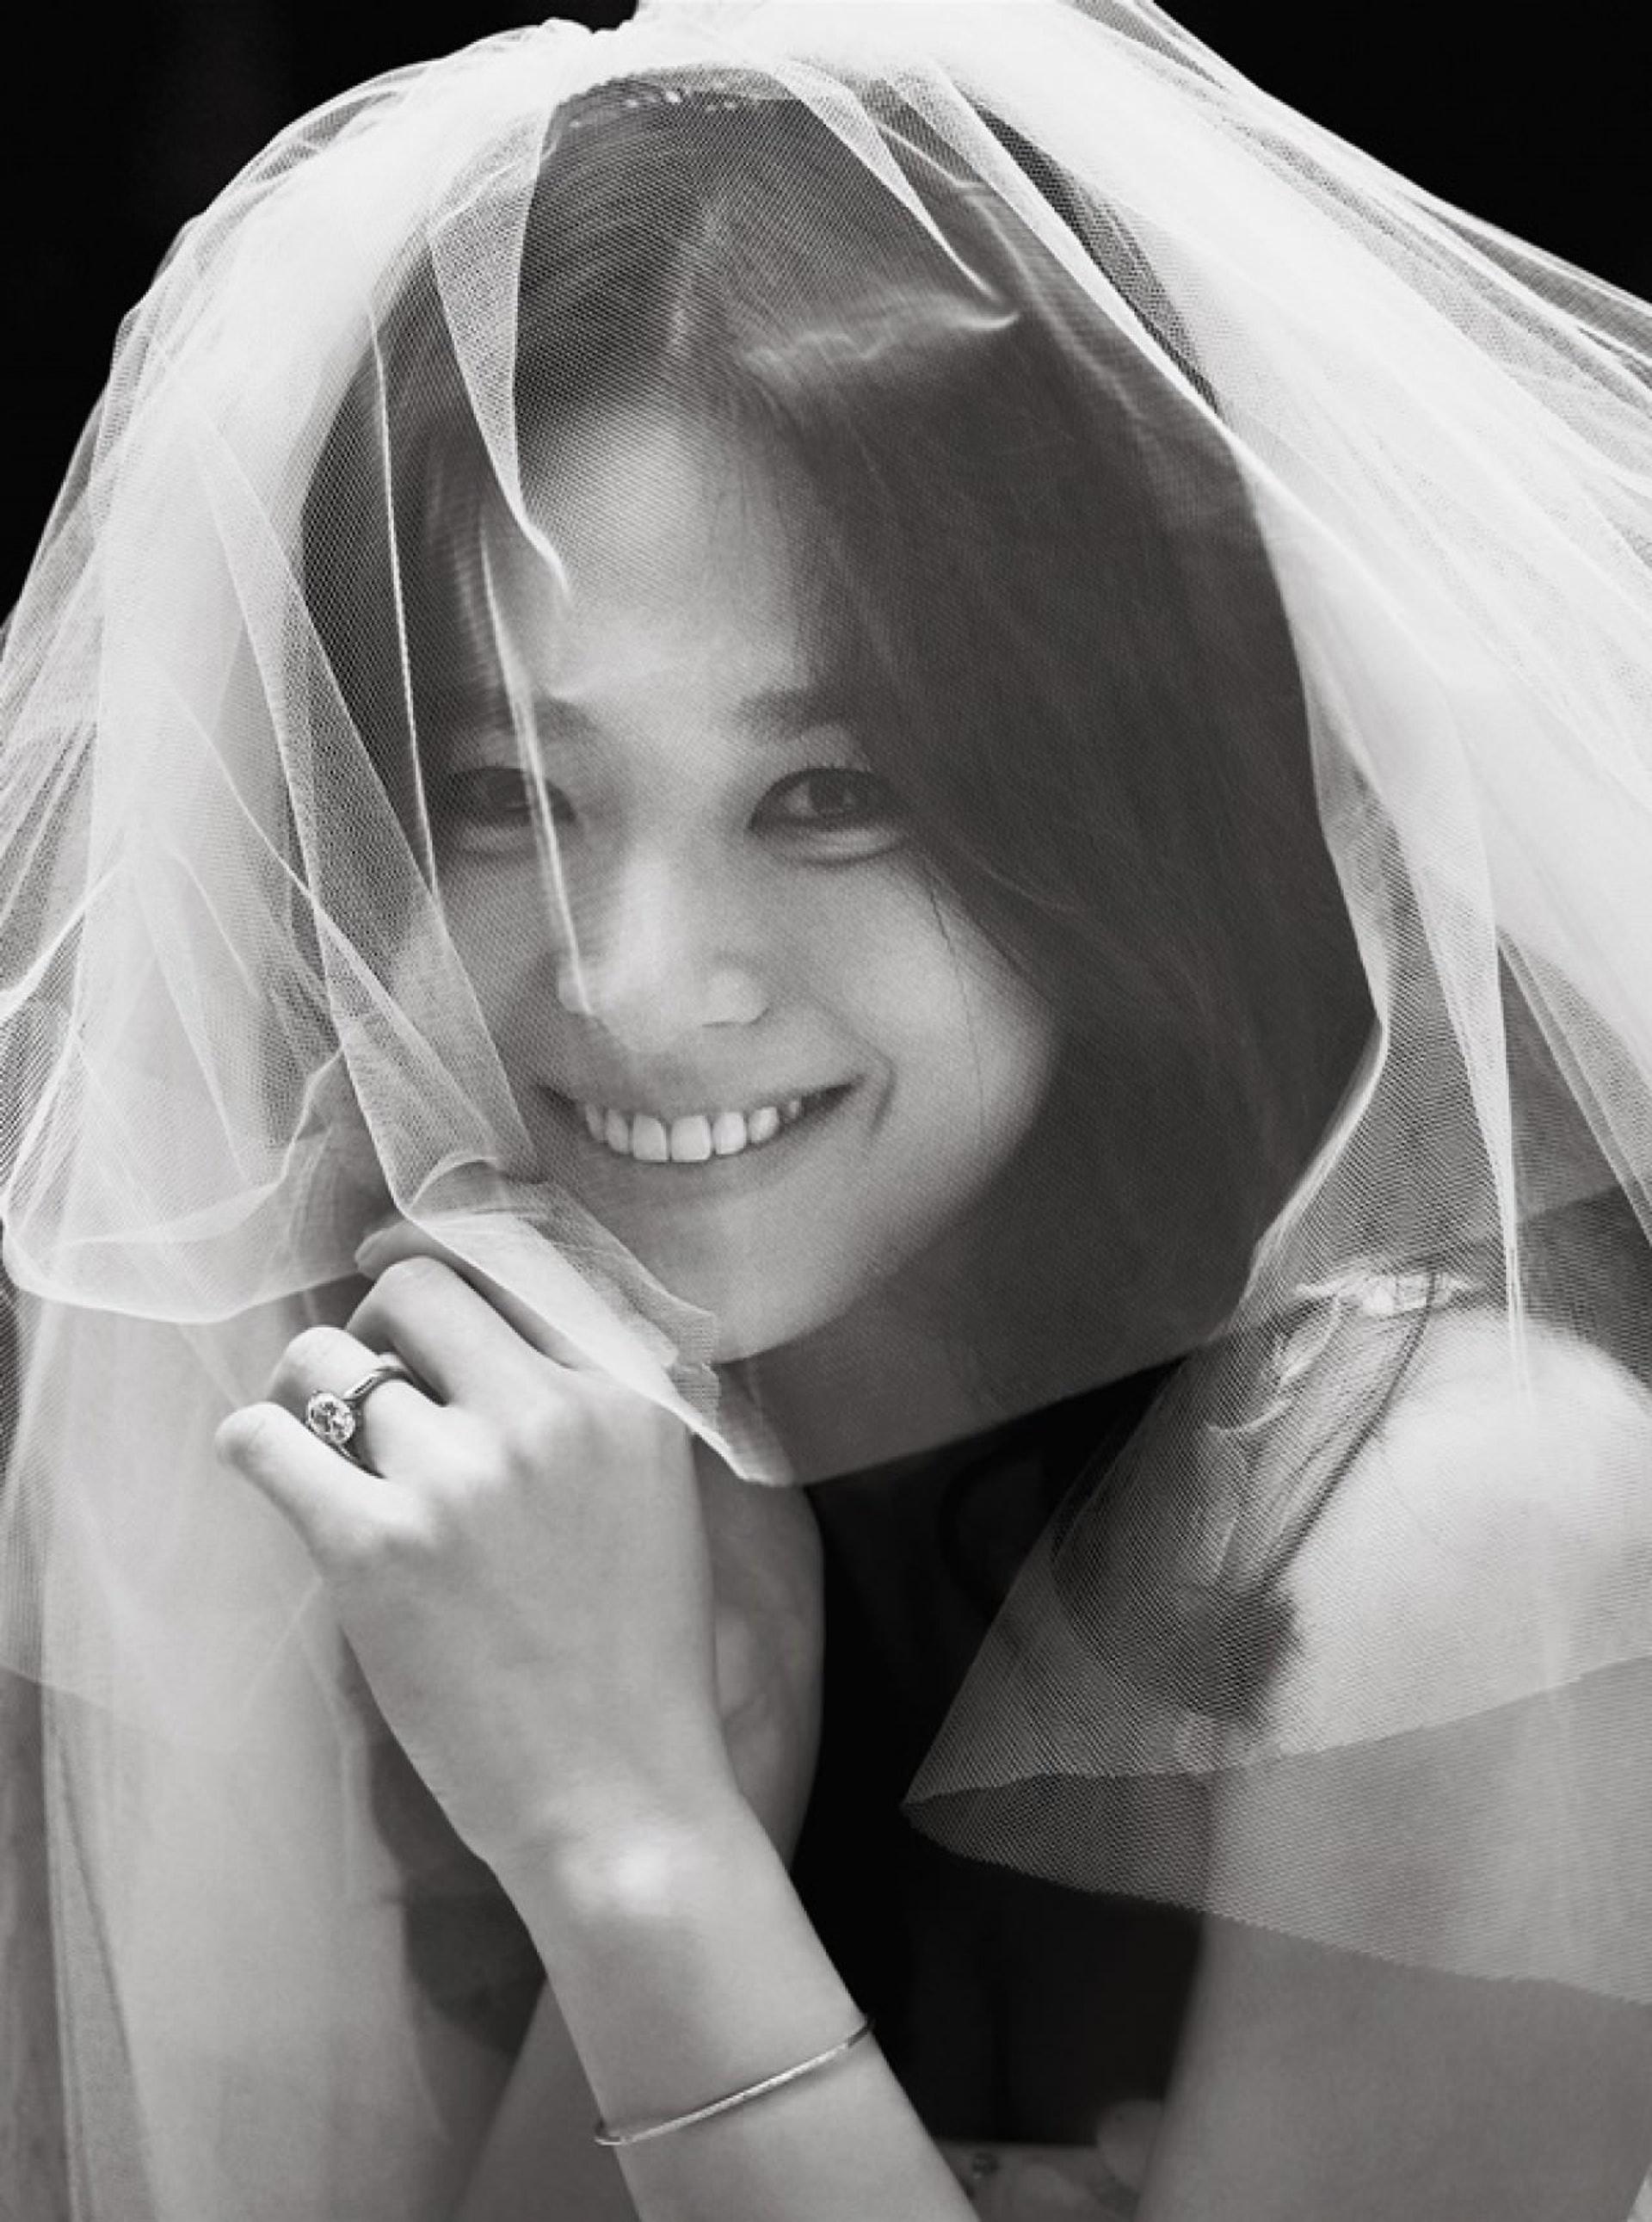 宋慧喬、宋仲基在2017年結婚。(資料圖片)